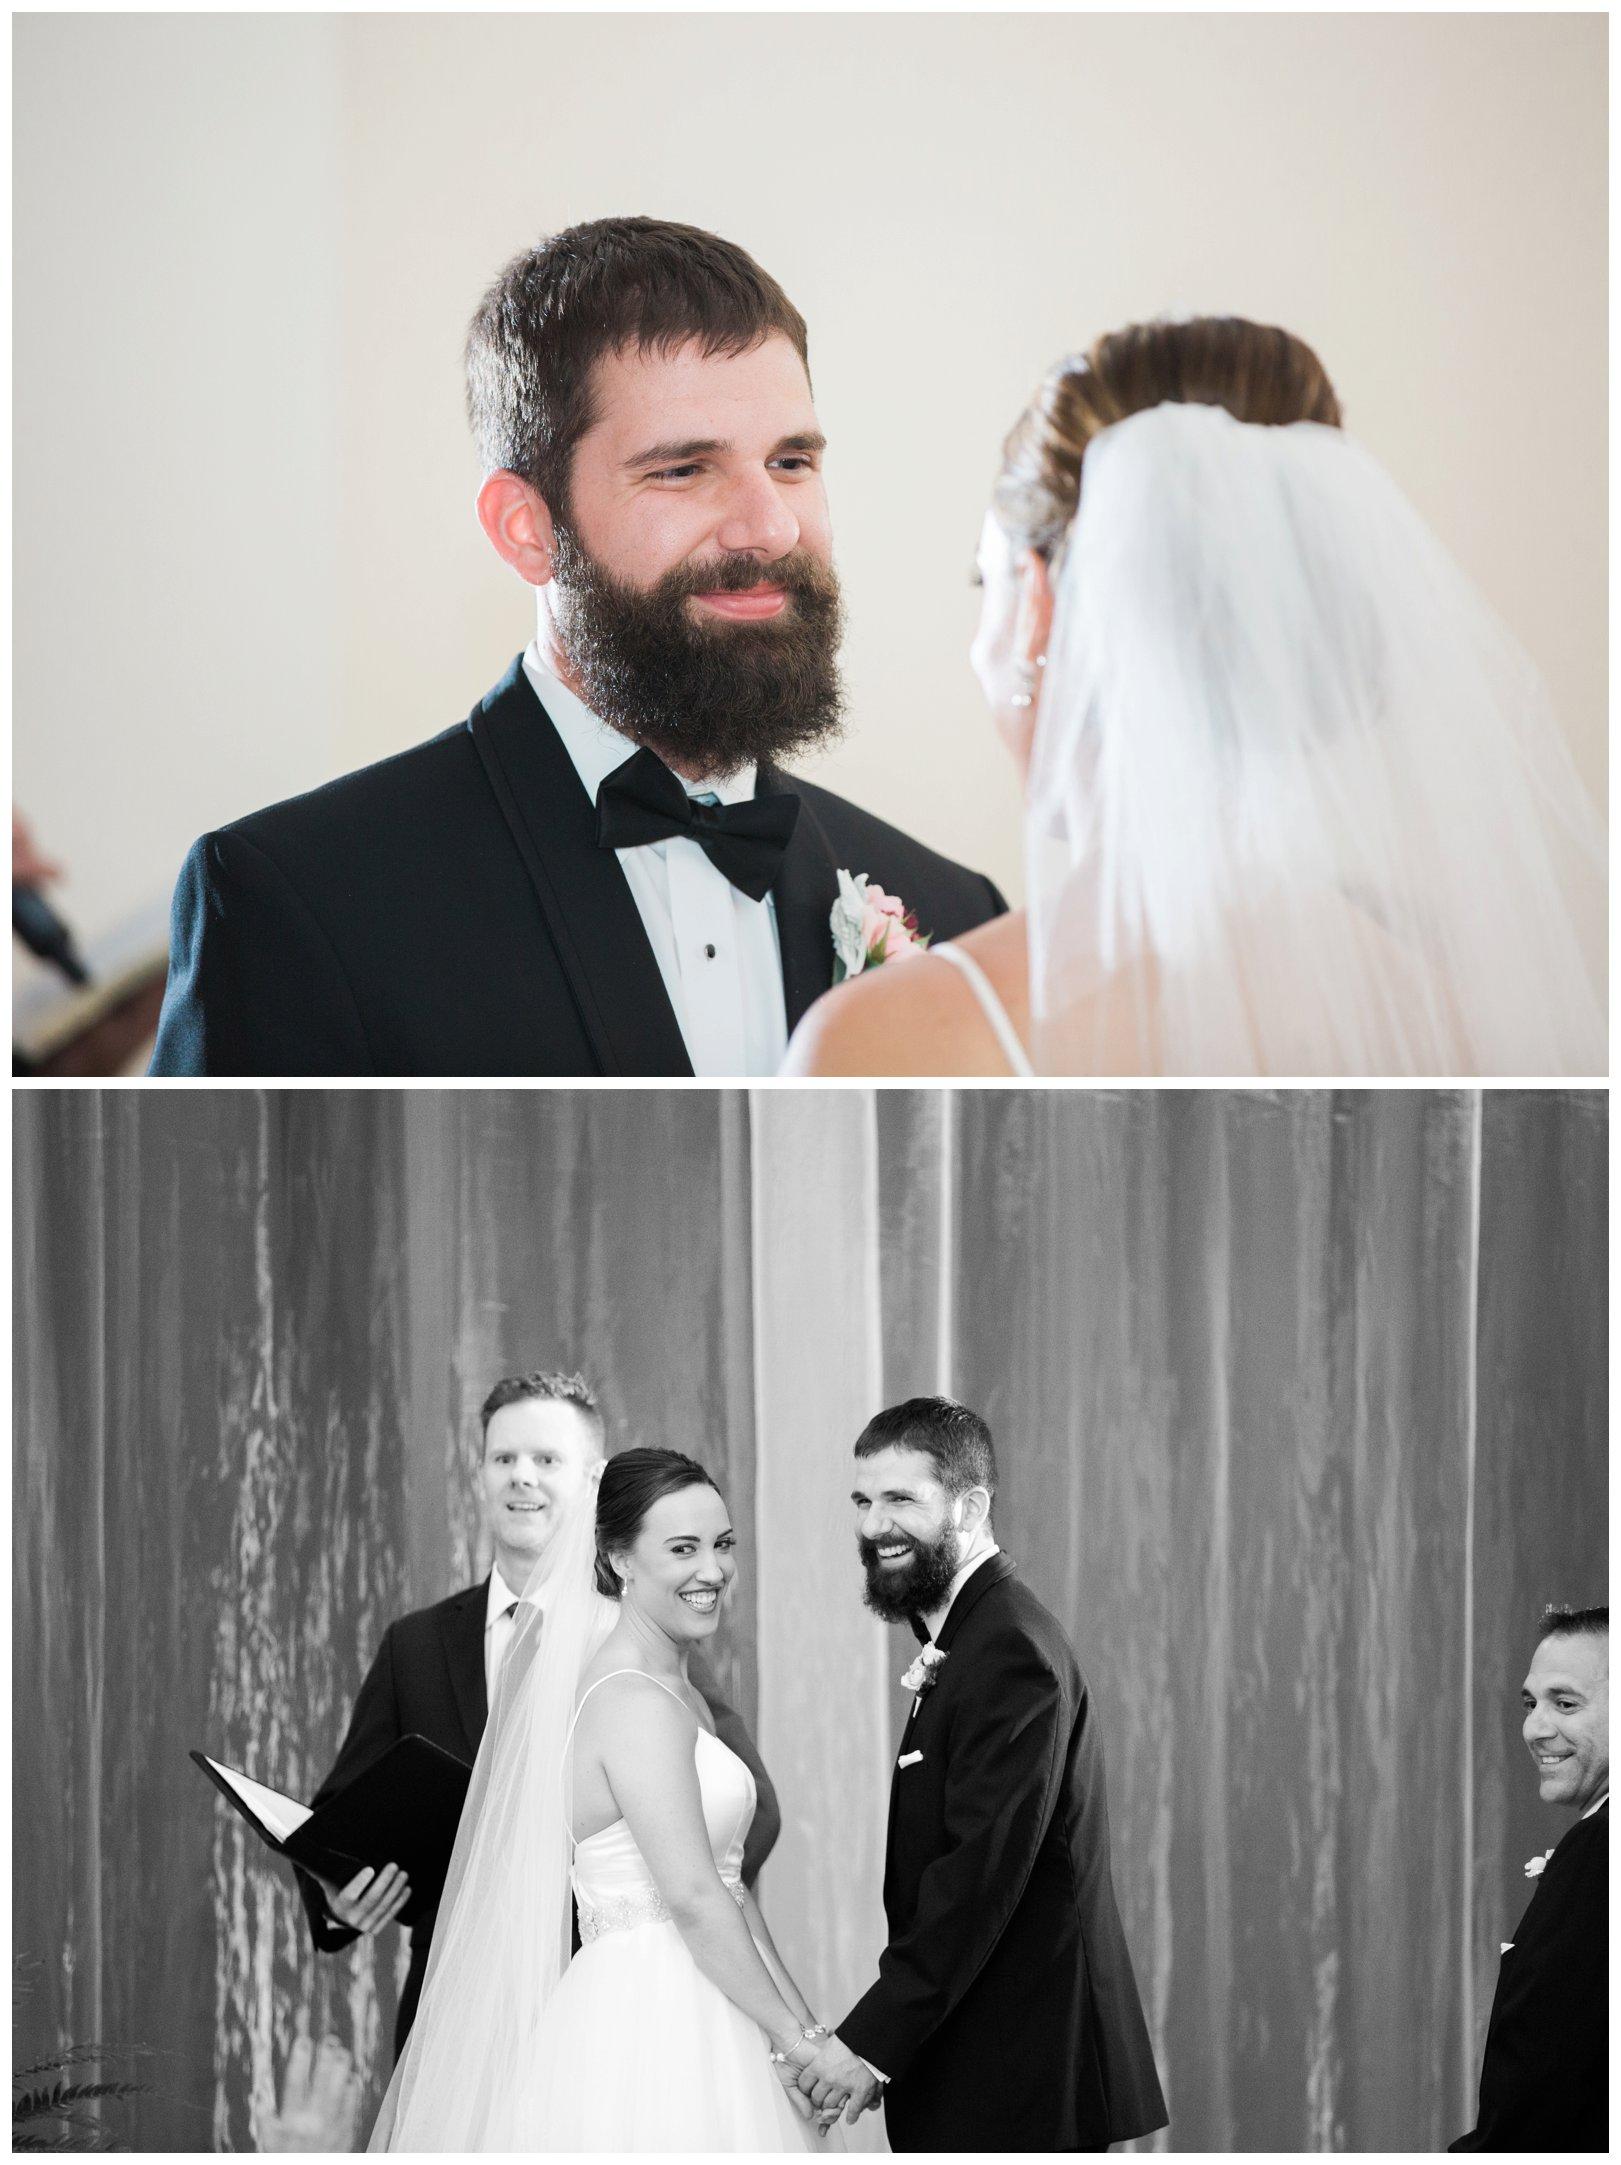 lauren muckler photography_fine art film wedding photography_st louis_photography_1112.jpg